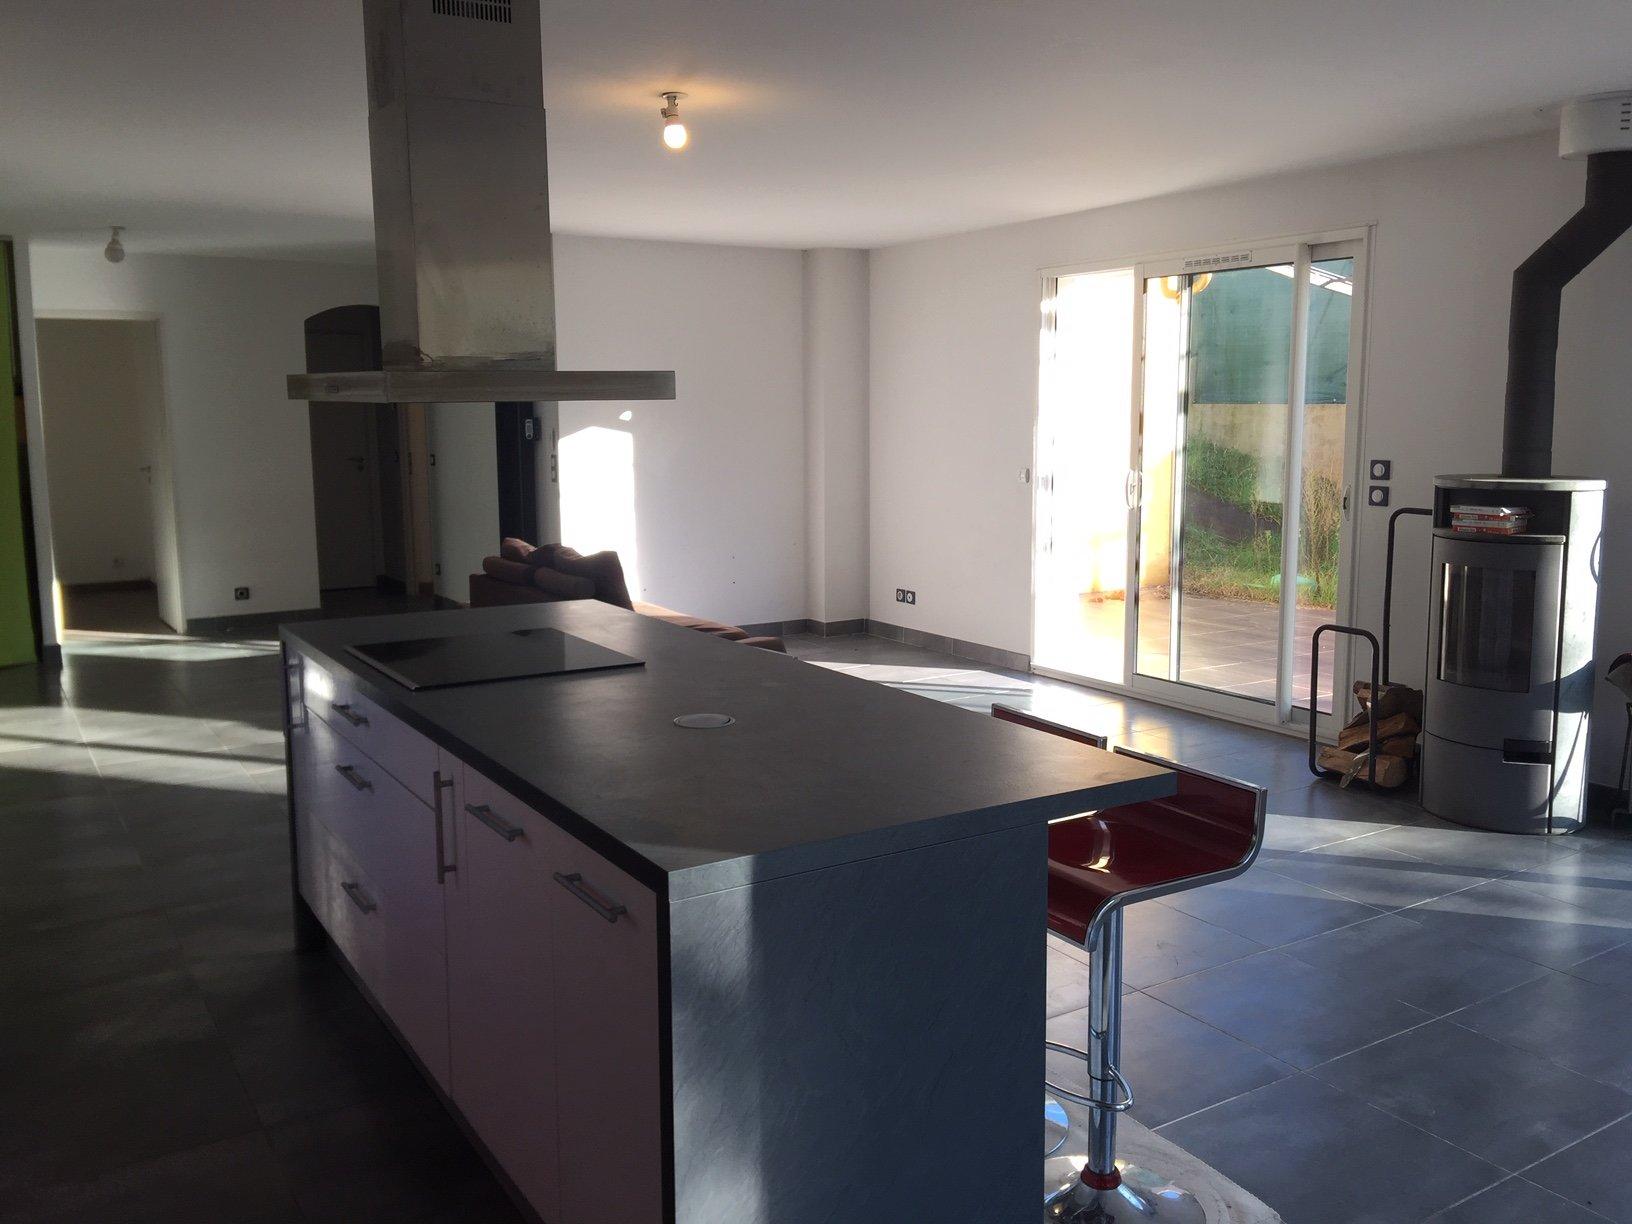 Kitchen island, kitchen bar